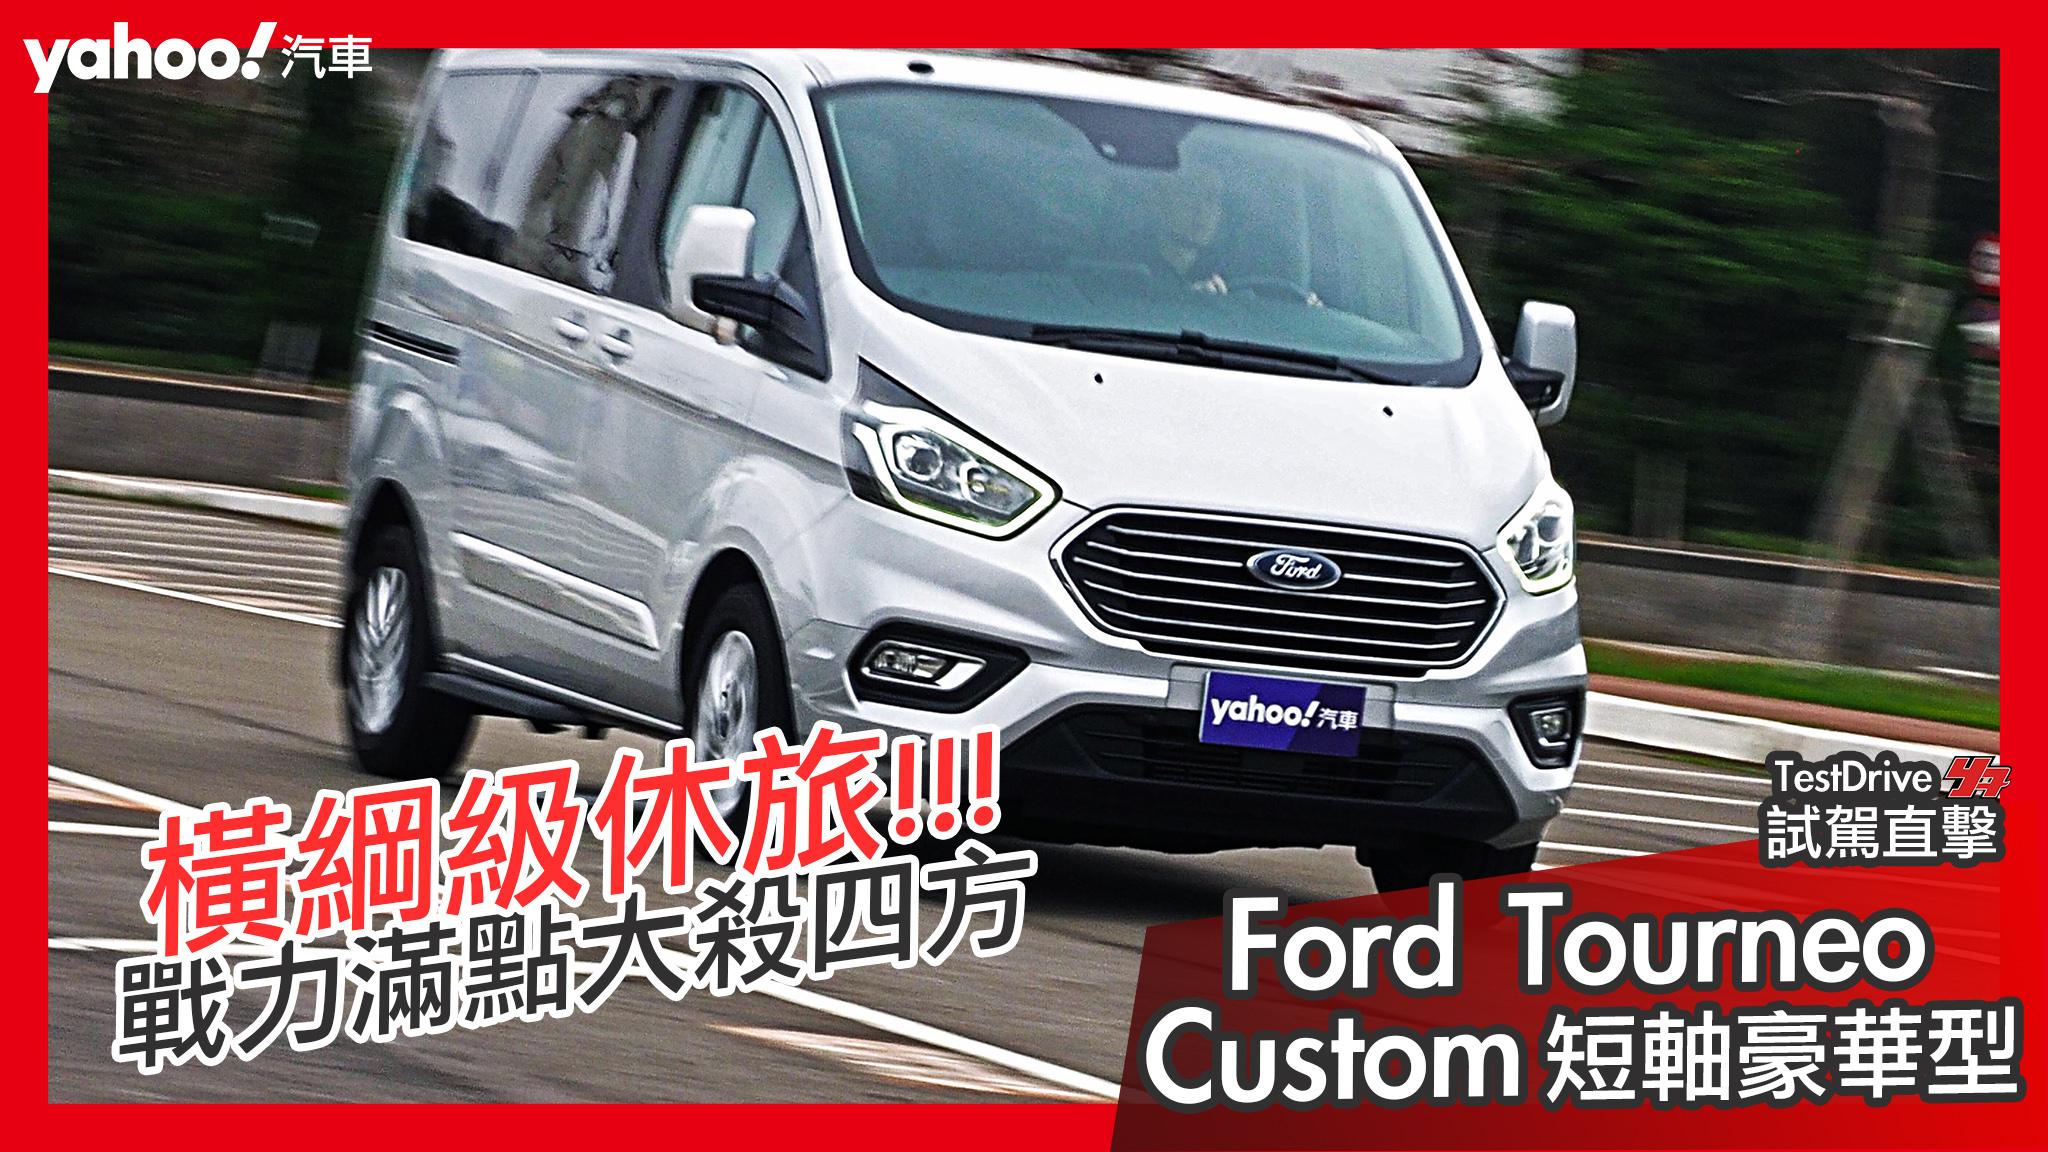 【試駕直擊】是機場接送王也是旅途遊戲王!Ford Tourneo Custom旅行家短軸豪華型桃機試駕